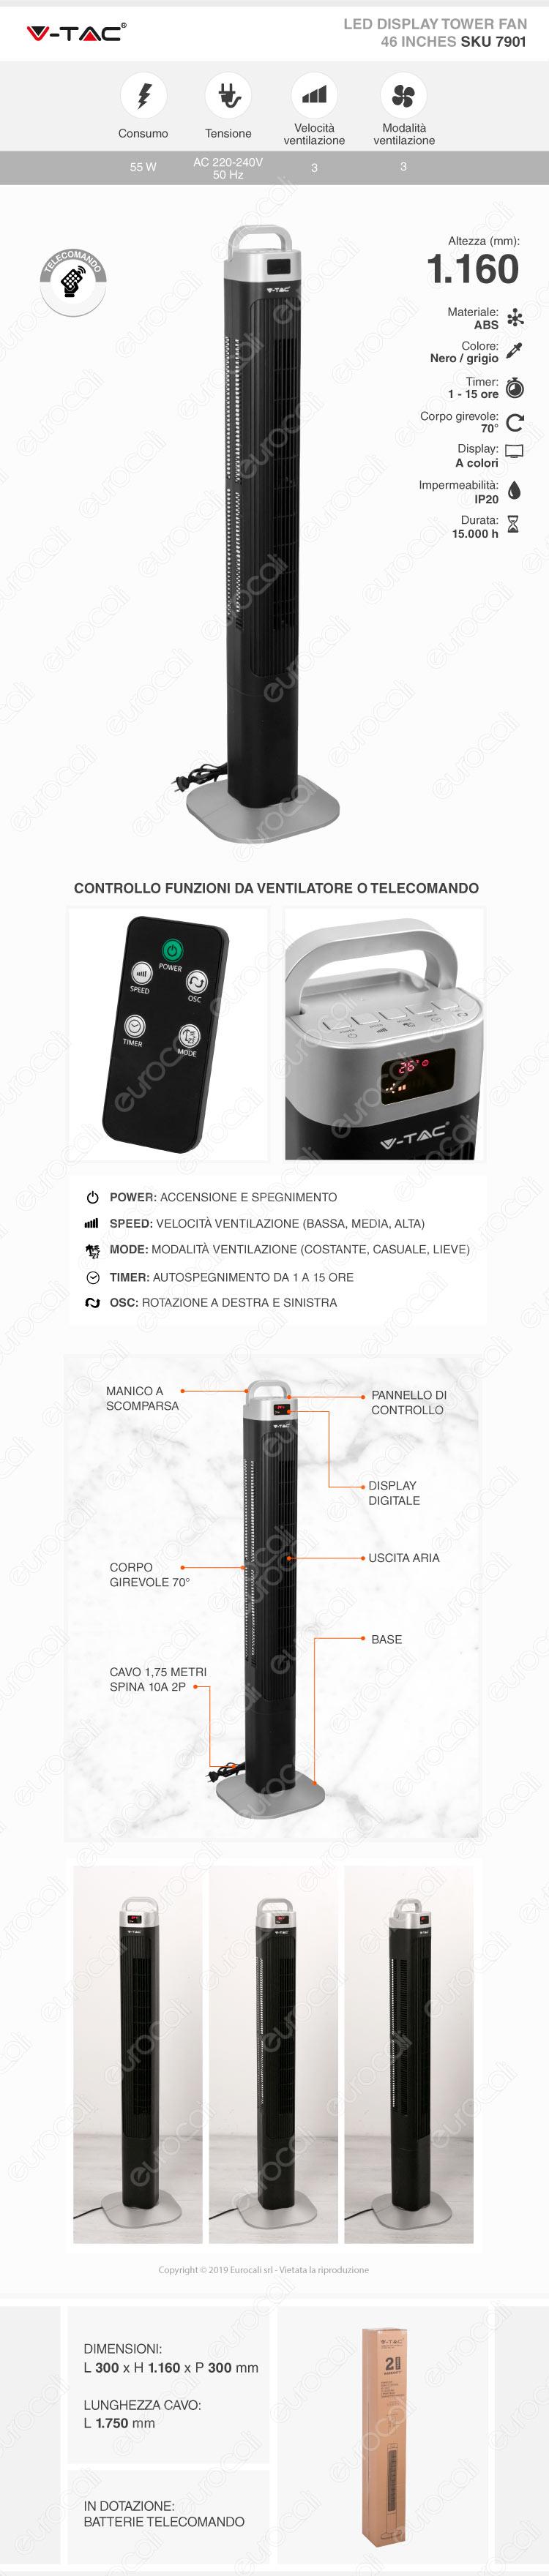 V-Tac VT-5536 Tower Fan 36 Inches con Display Temperatura e Telecomando